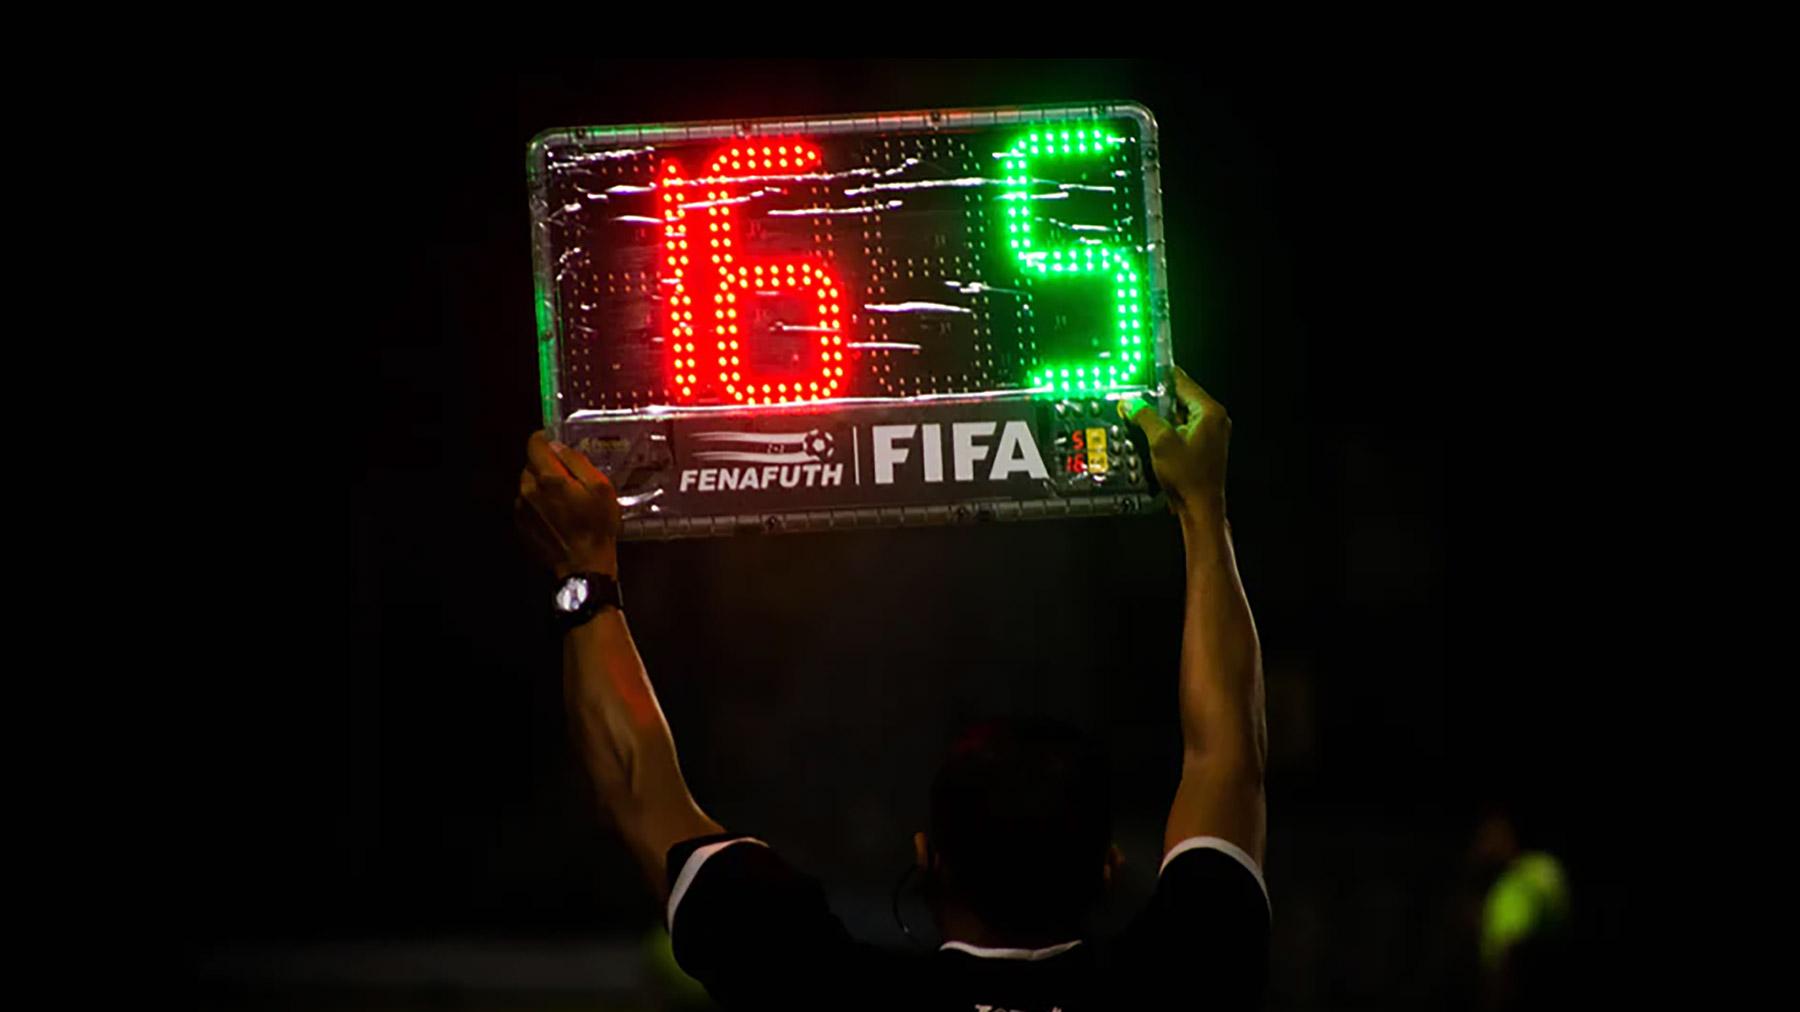 FIFA: 5 große neue Fußballregeln sollen getestet werden